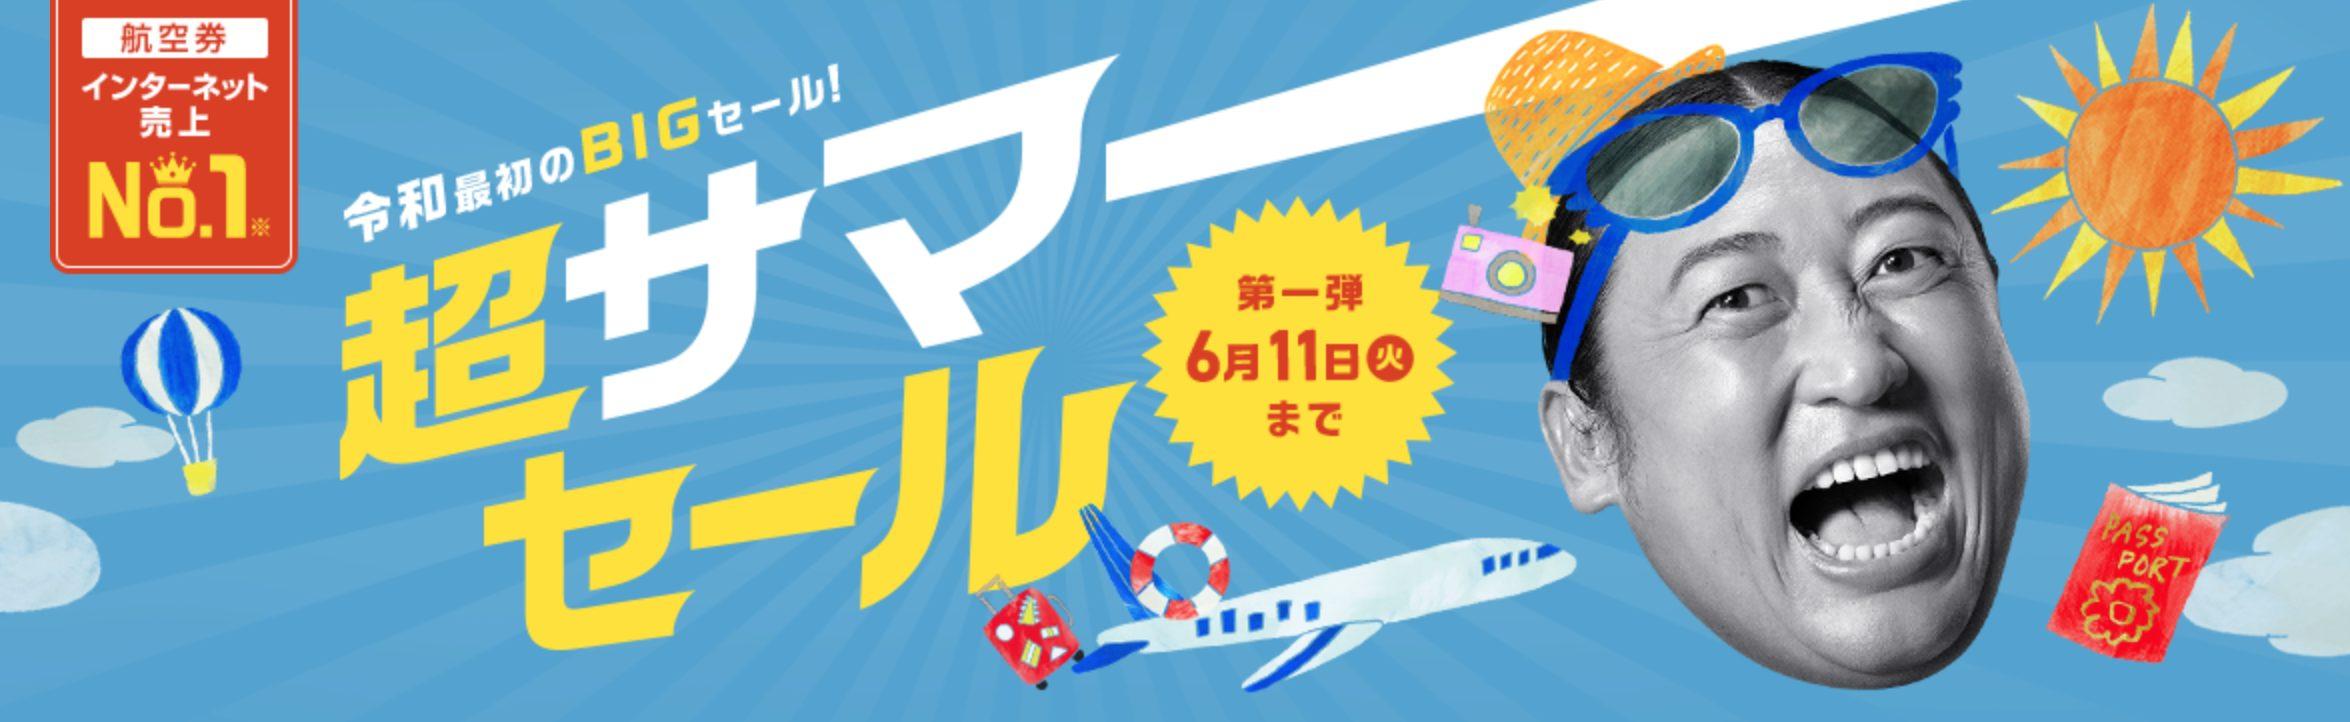 【超サマーセール】海外航空券、海外ホテル、海外ツアーの割引クーポン